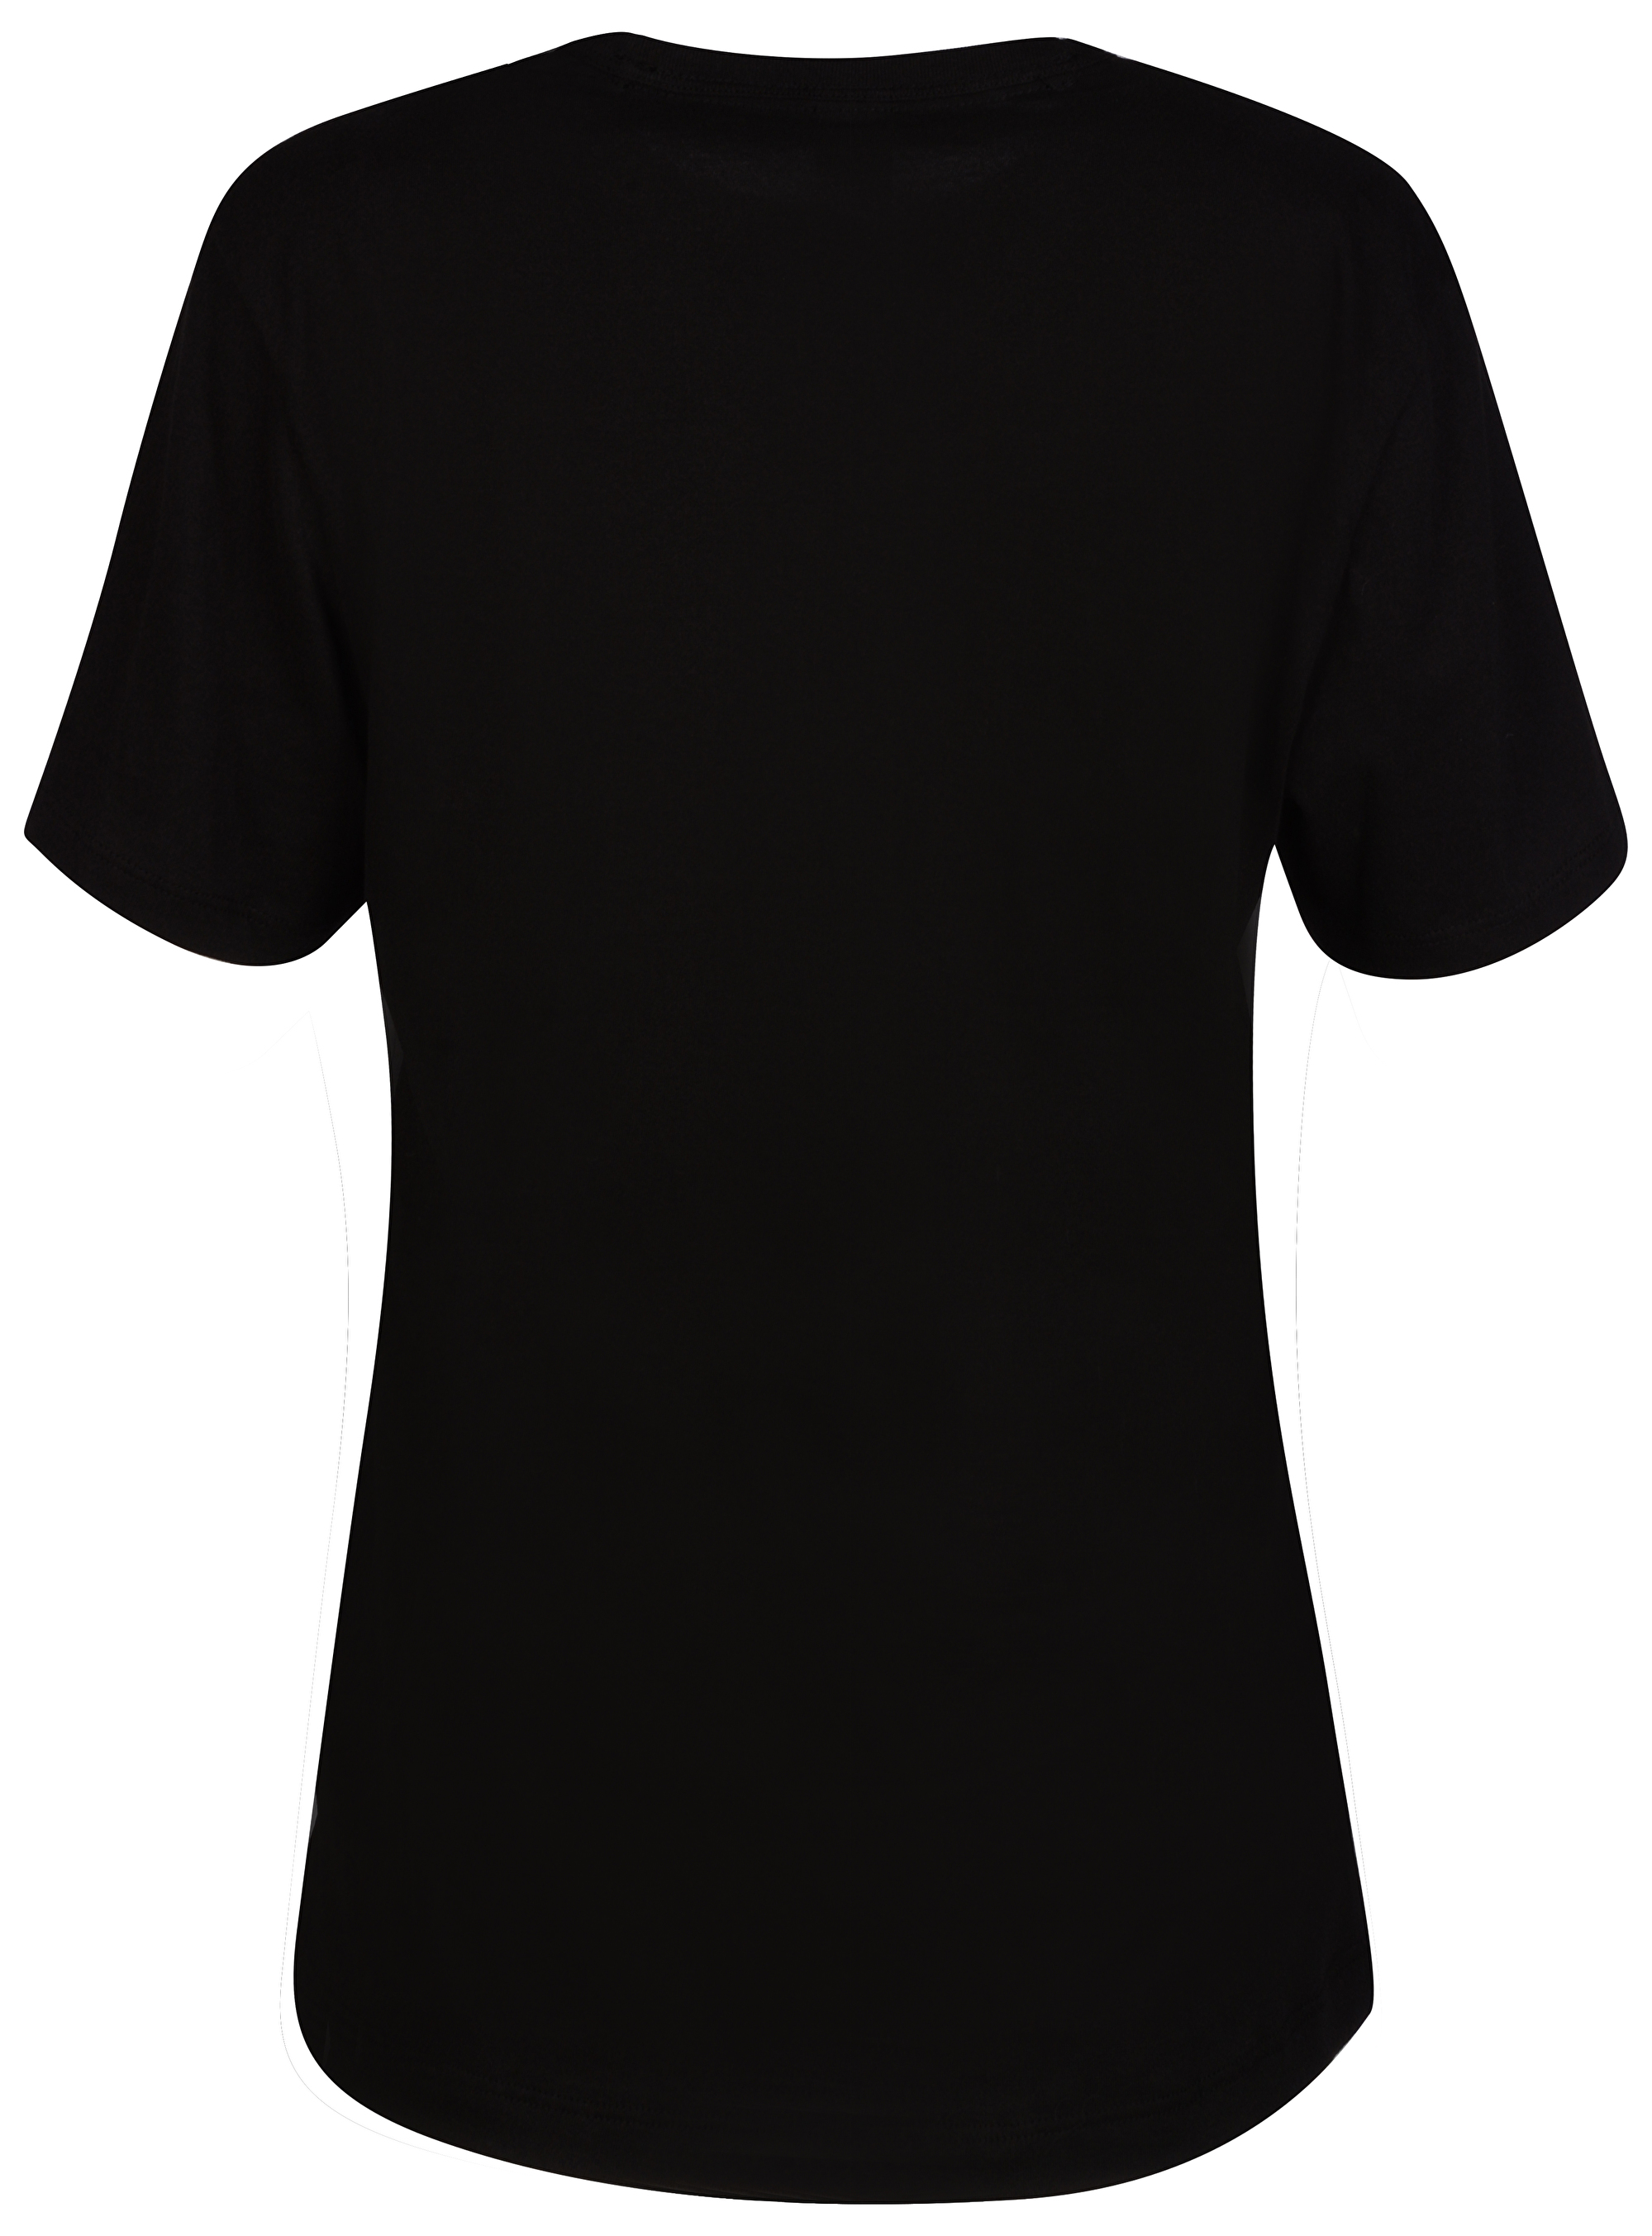 Calvin Klein S   S Crew Neck fekete QS6105E póló  050ab22567